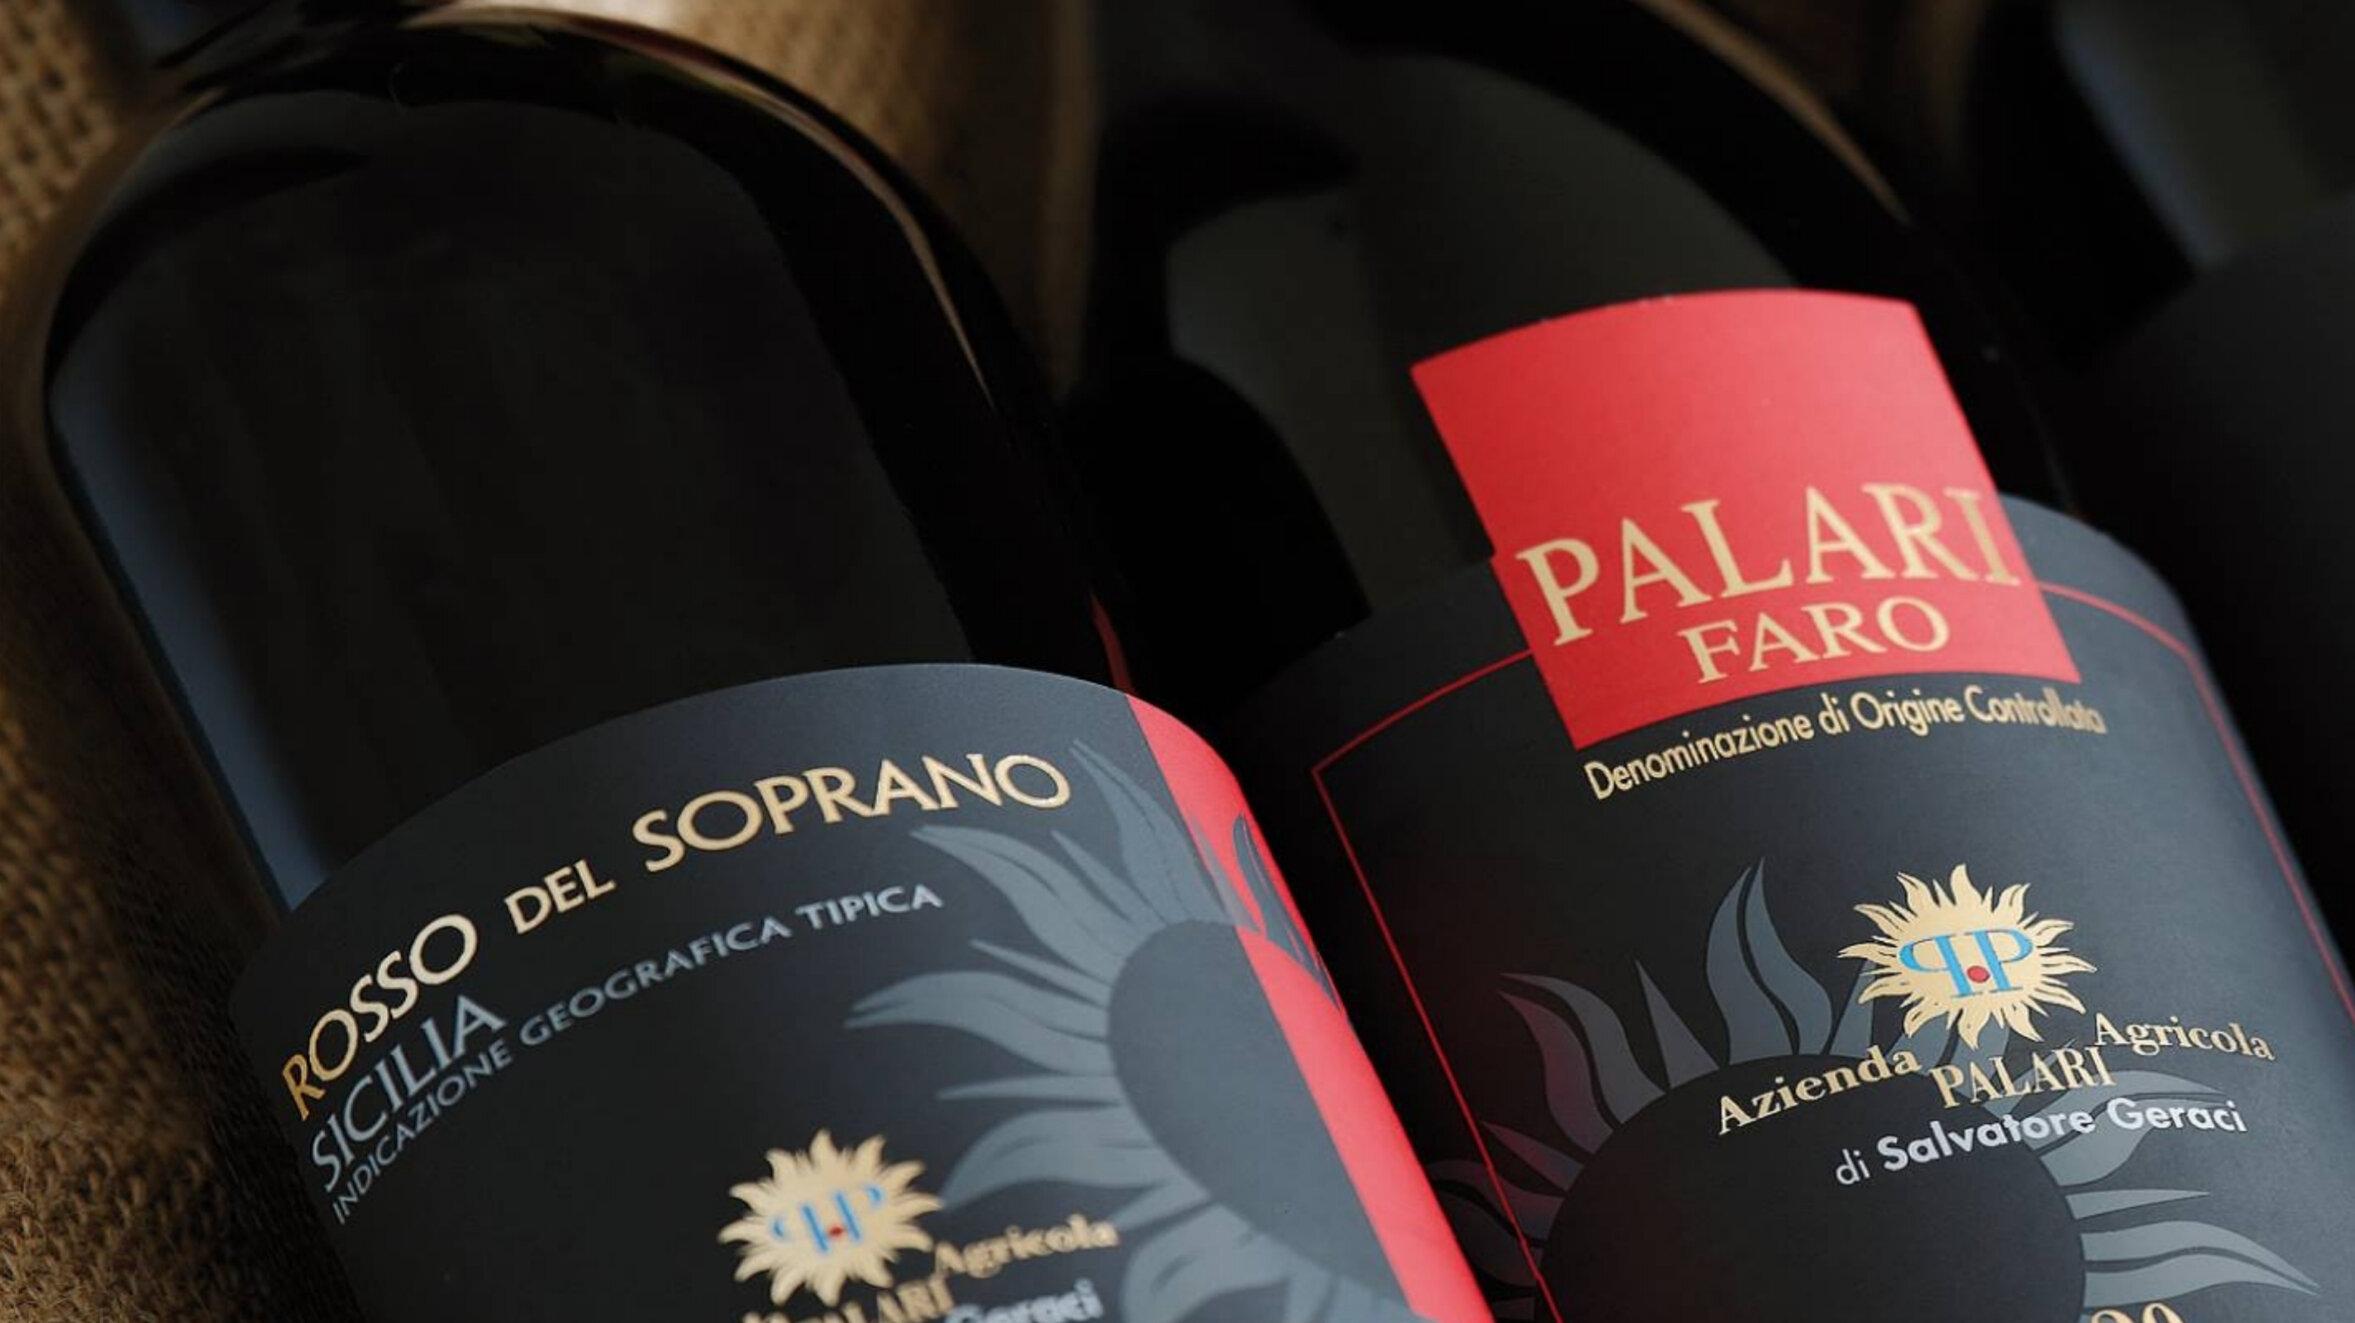 Sicily Wine Dinner - Wednesday, November 6th